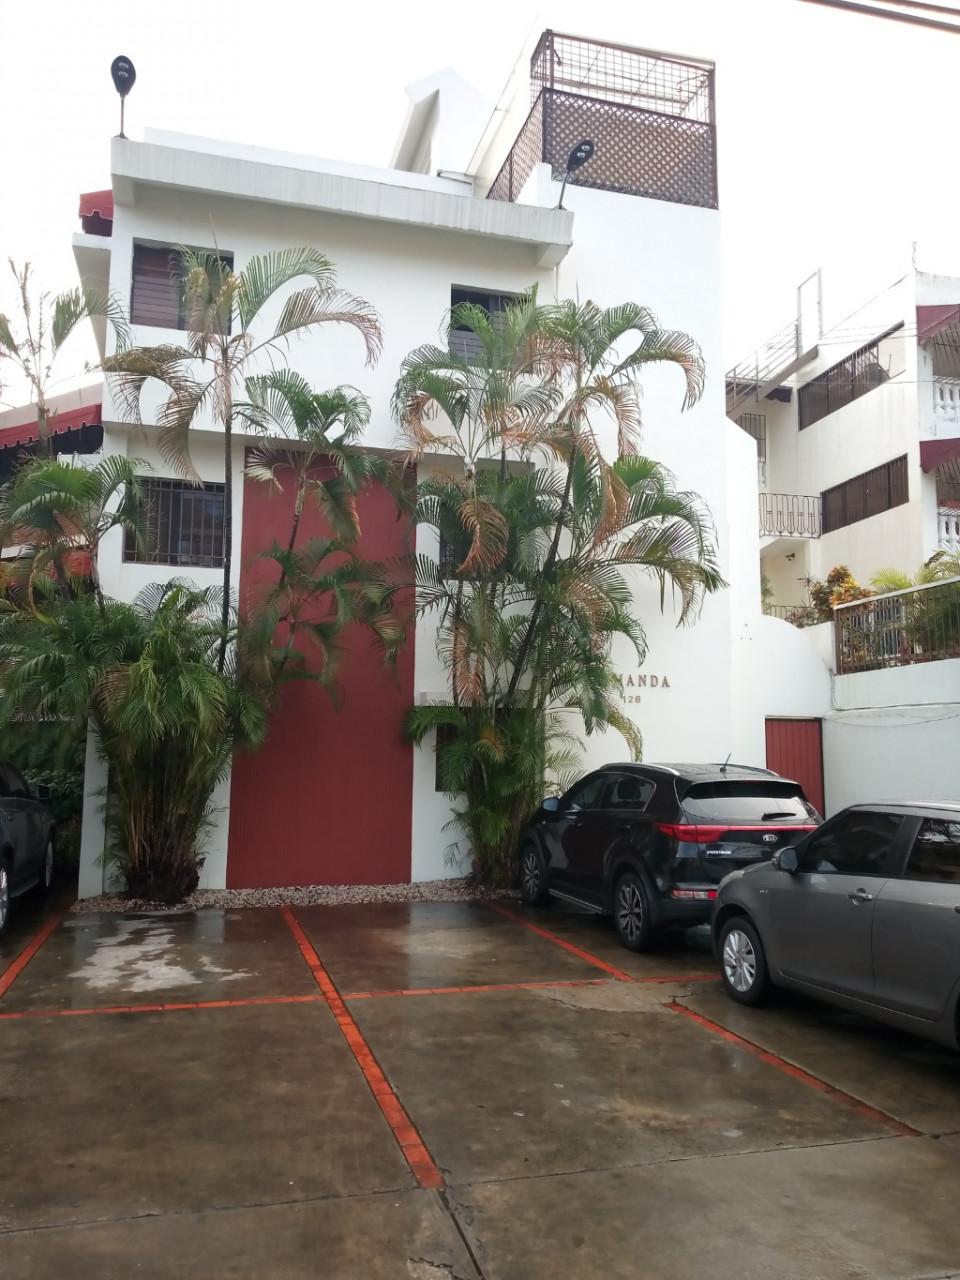 Apartamento en venta en el sector Viejo Arroyo Hondo precio US$ 135,000.00 US$135,000